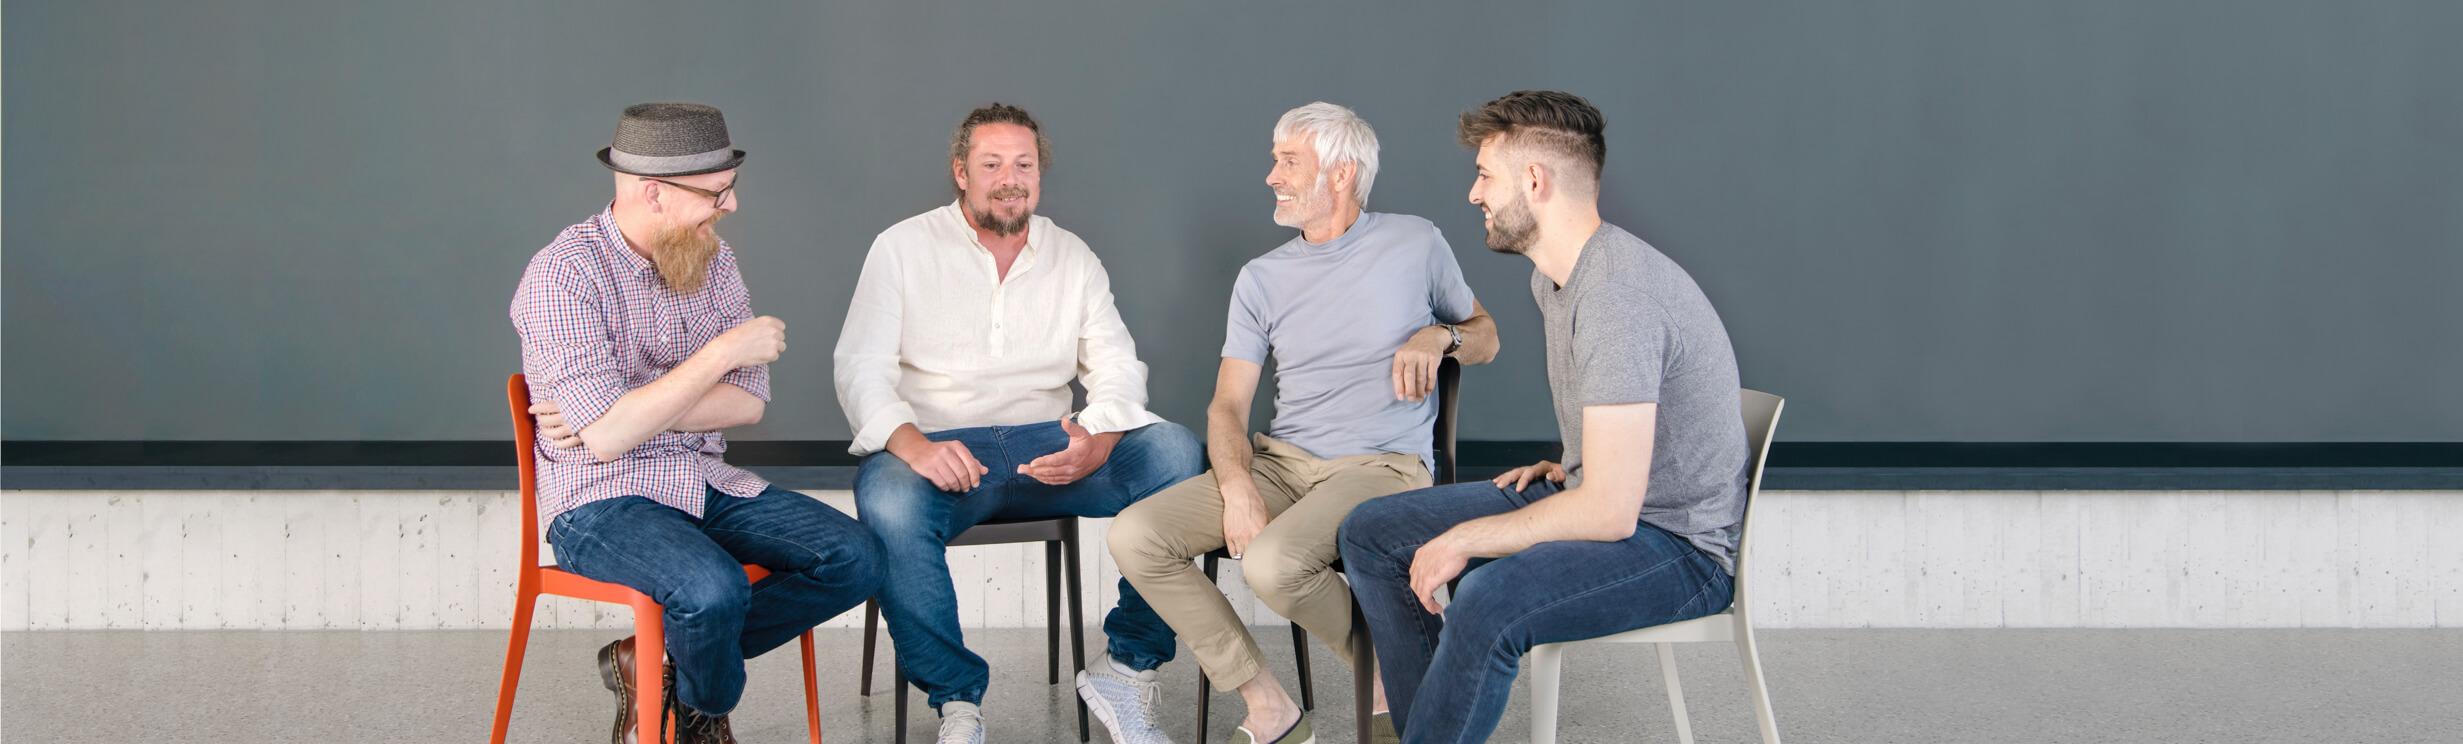 eine Gruppe von Männern sitzt an einem Tisch einem Stuhlkreis